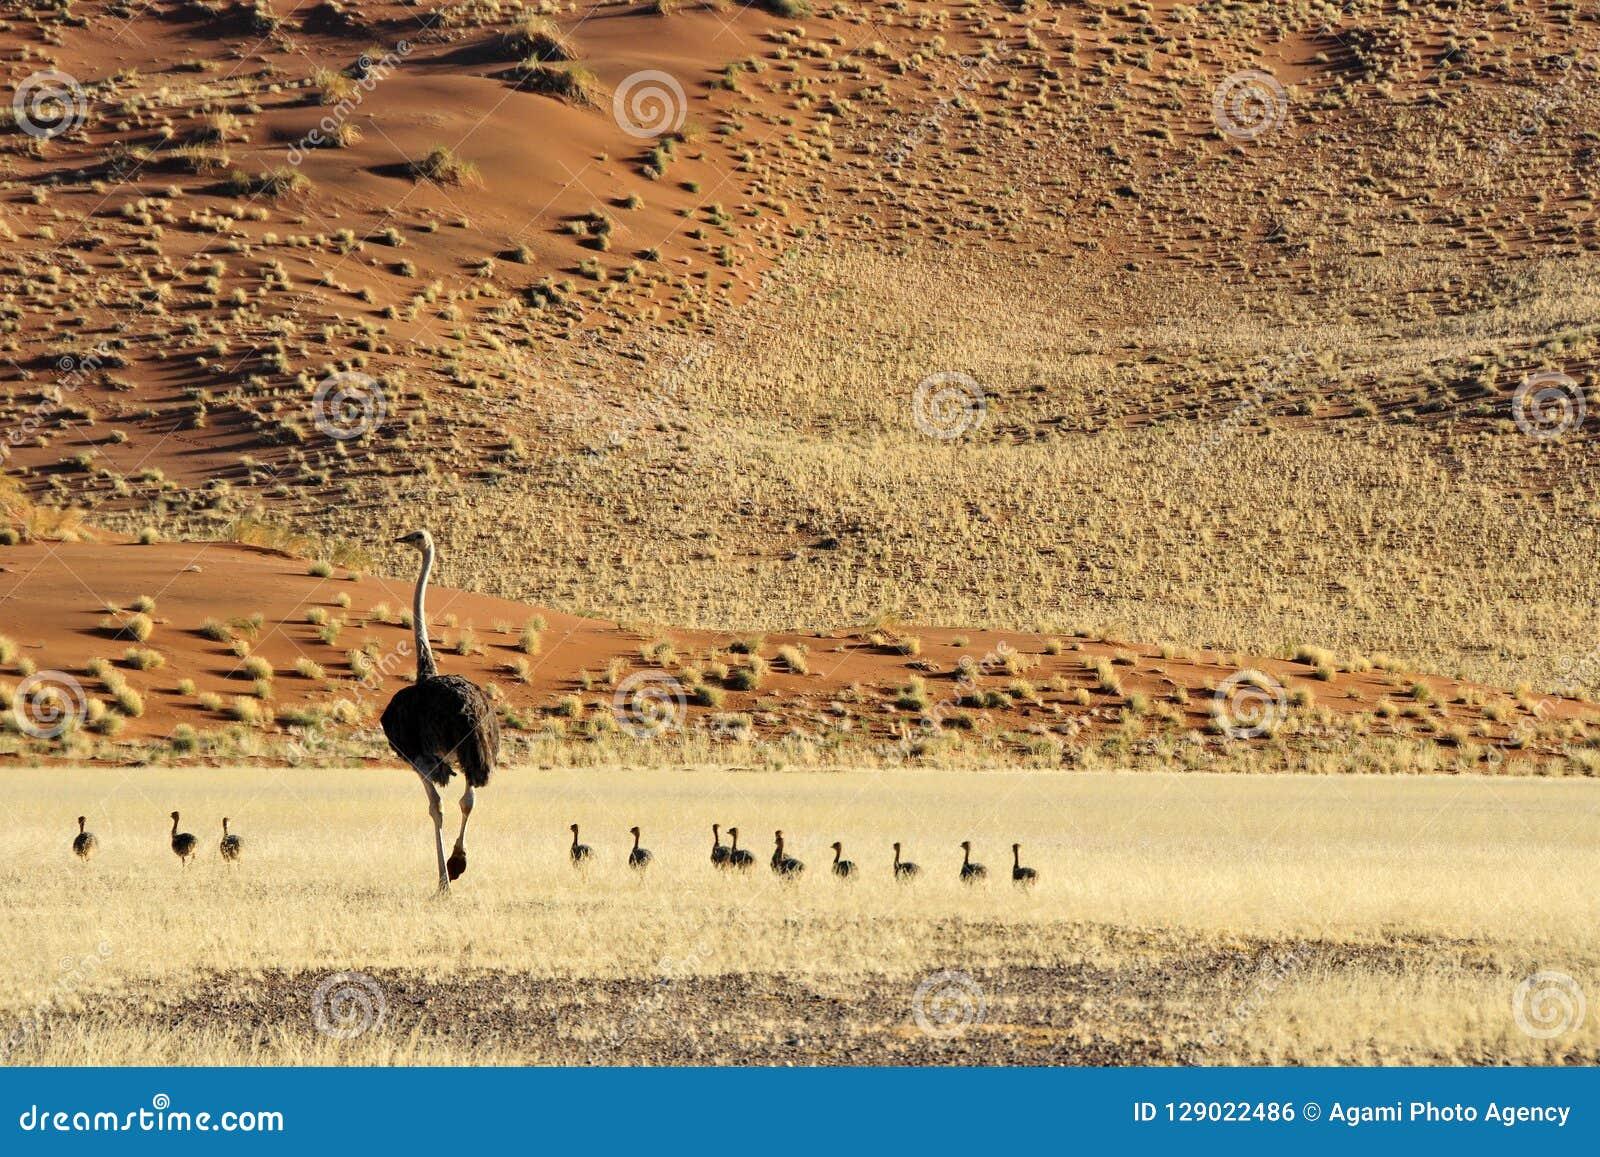 Struisvogel, Ostrich, Struthio camelus